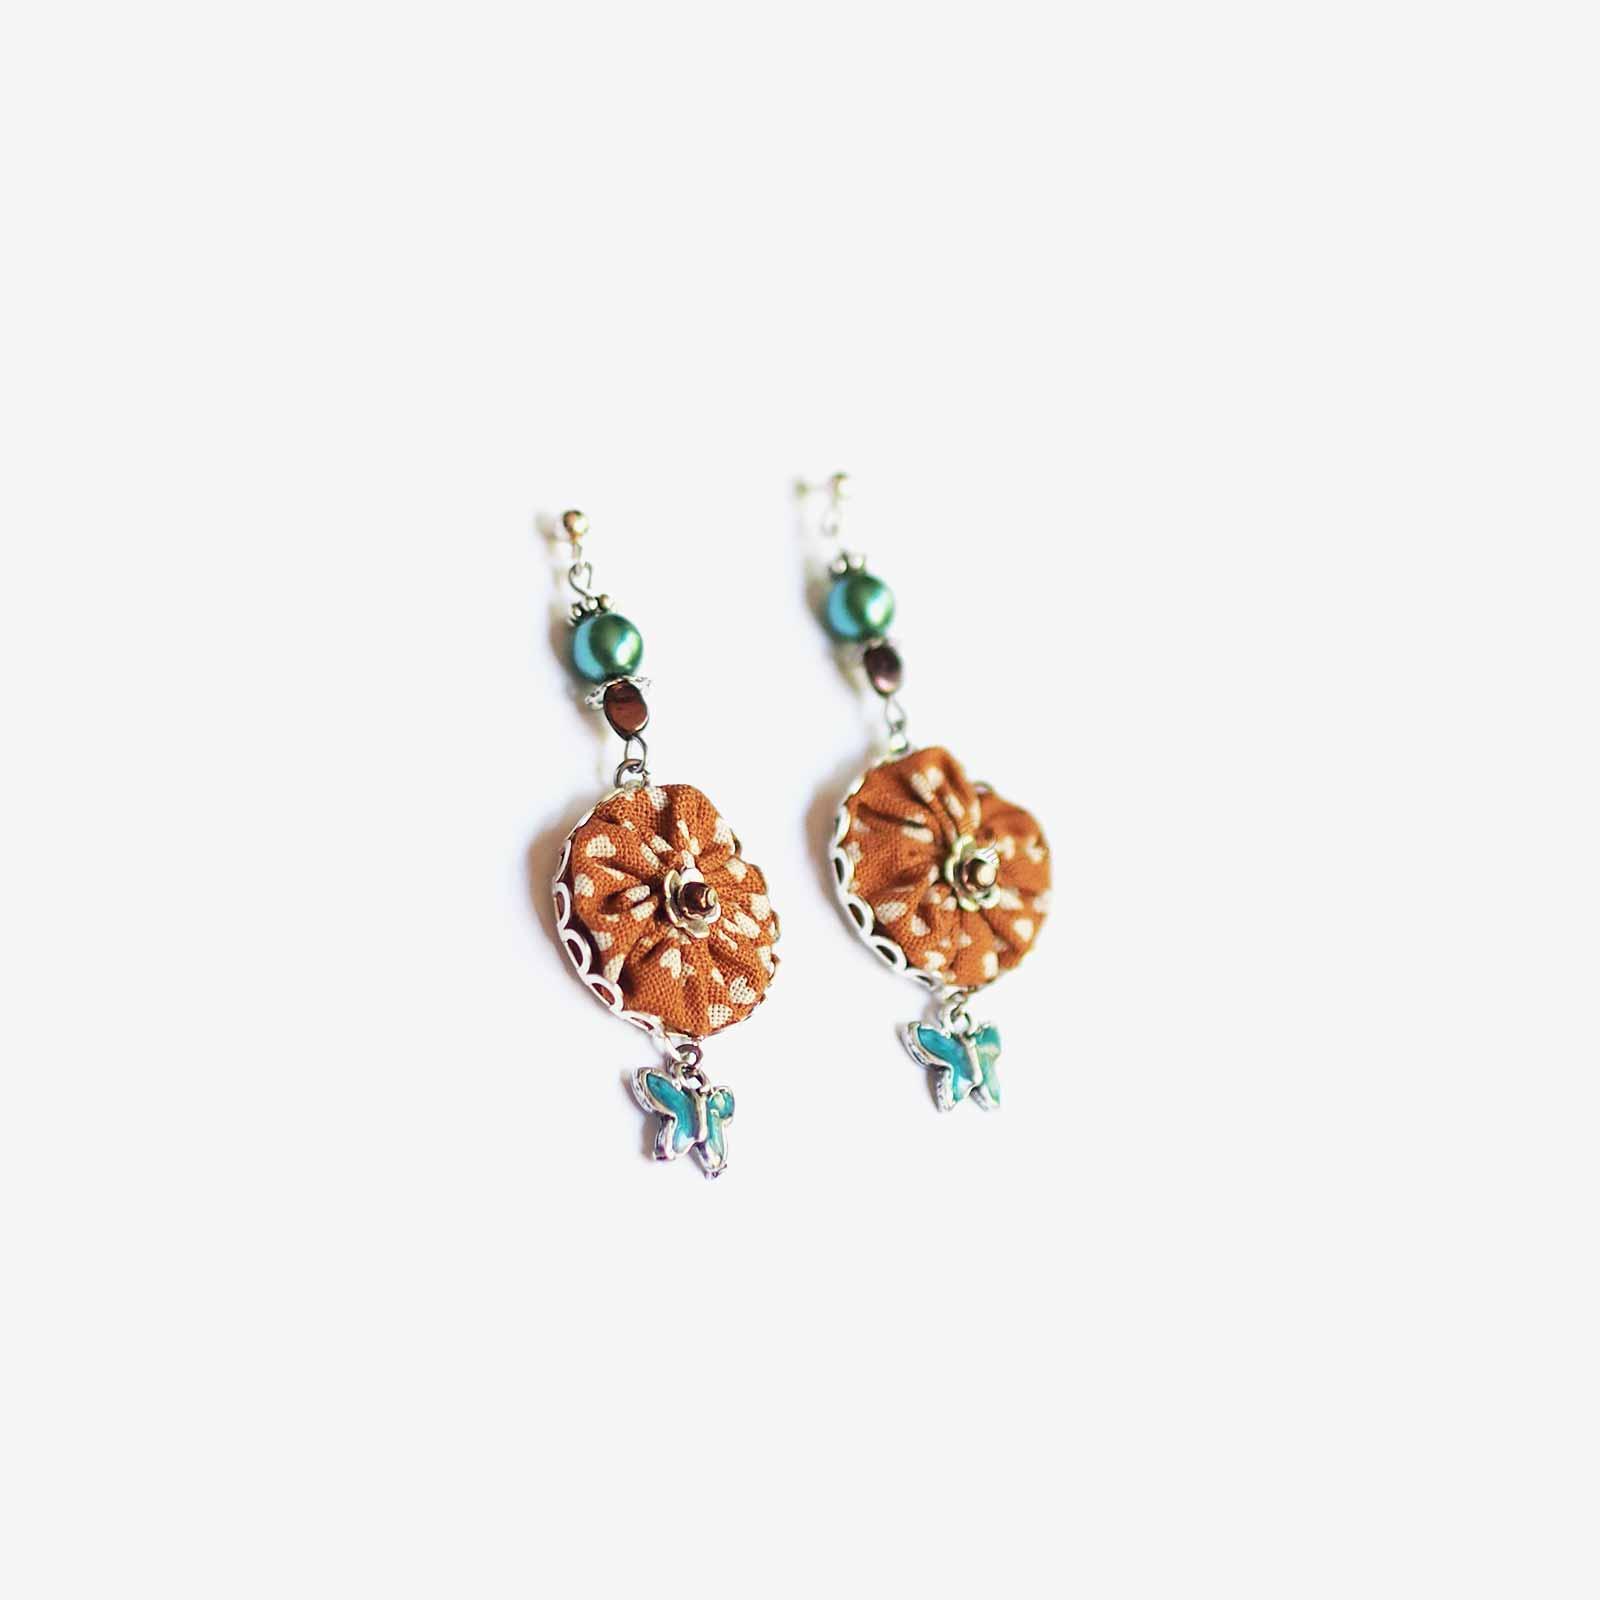 pendants oreilles Marui papillons fleur Swarovski laboutiquedemelimelo